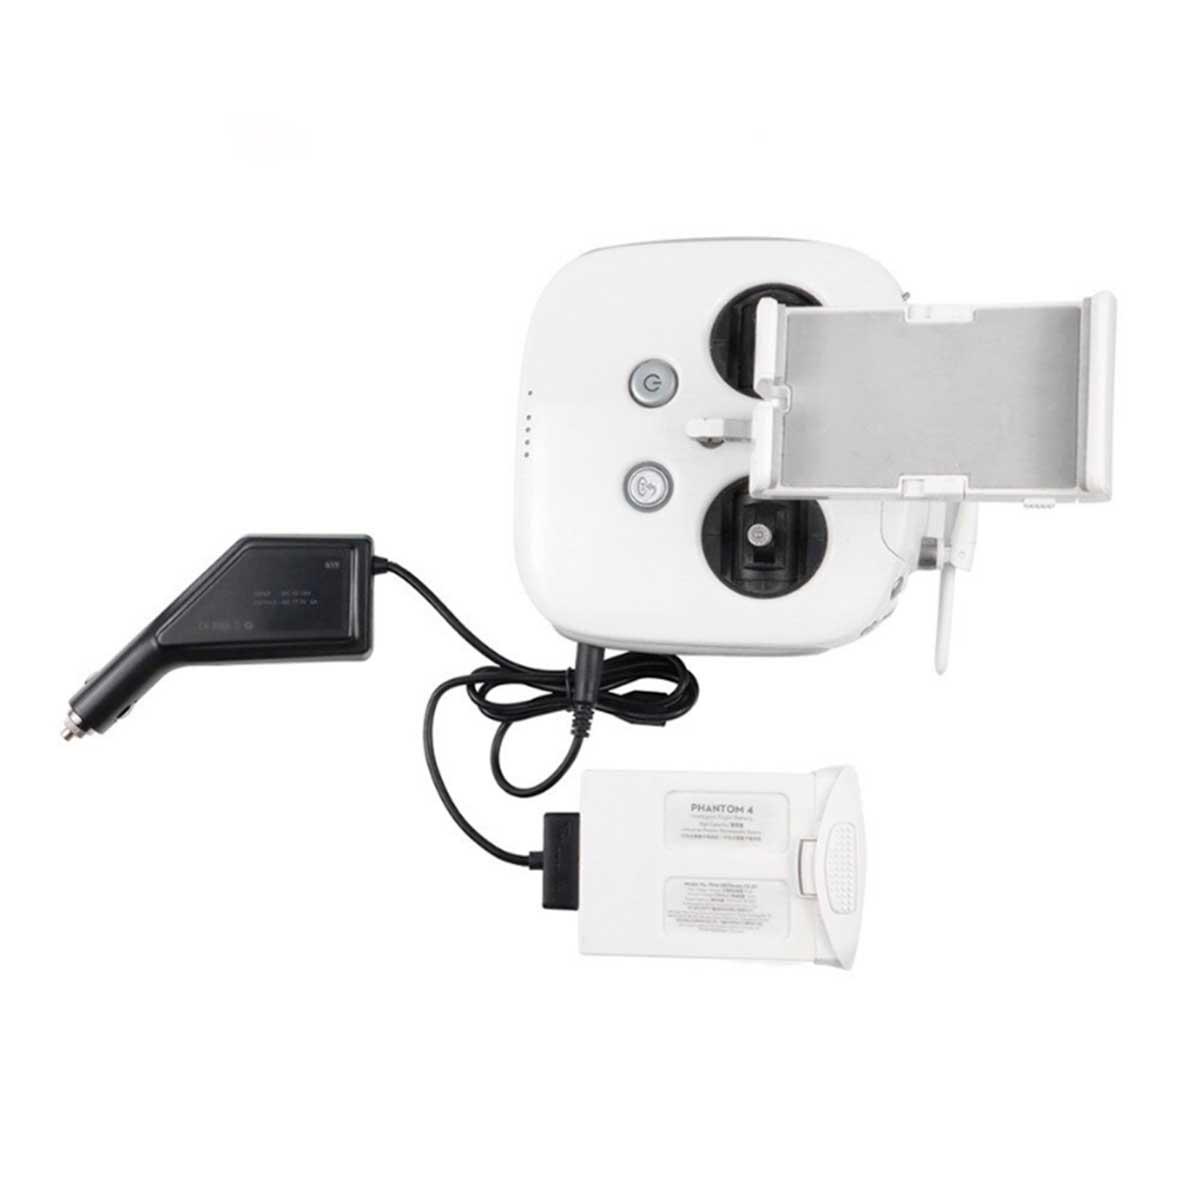 Carregador Veicular 2 em 1 - Bateria e Controle - Drone DJI Phantom 4